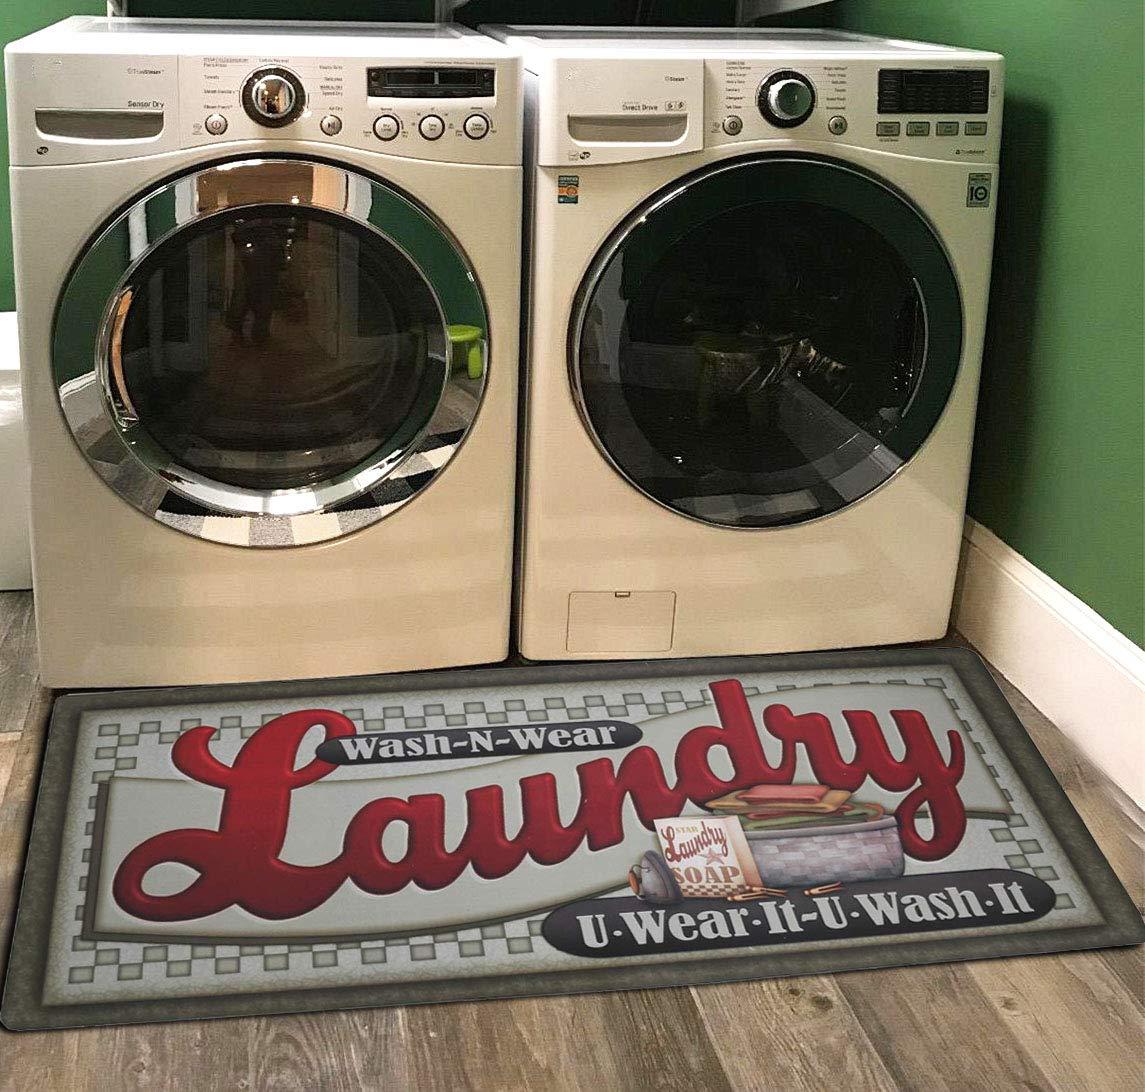 Ukeler Laundry Room Rug, Laundry Room Floor Rug for Wash Room Non Skid Kitchen Floor Mat Non-Slip Rubber Area Rug 2x4